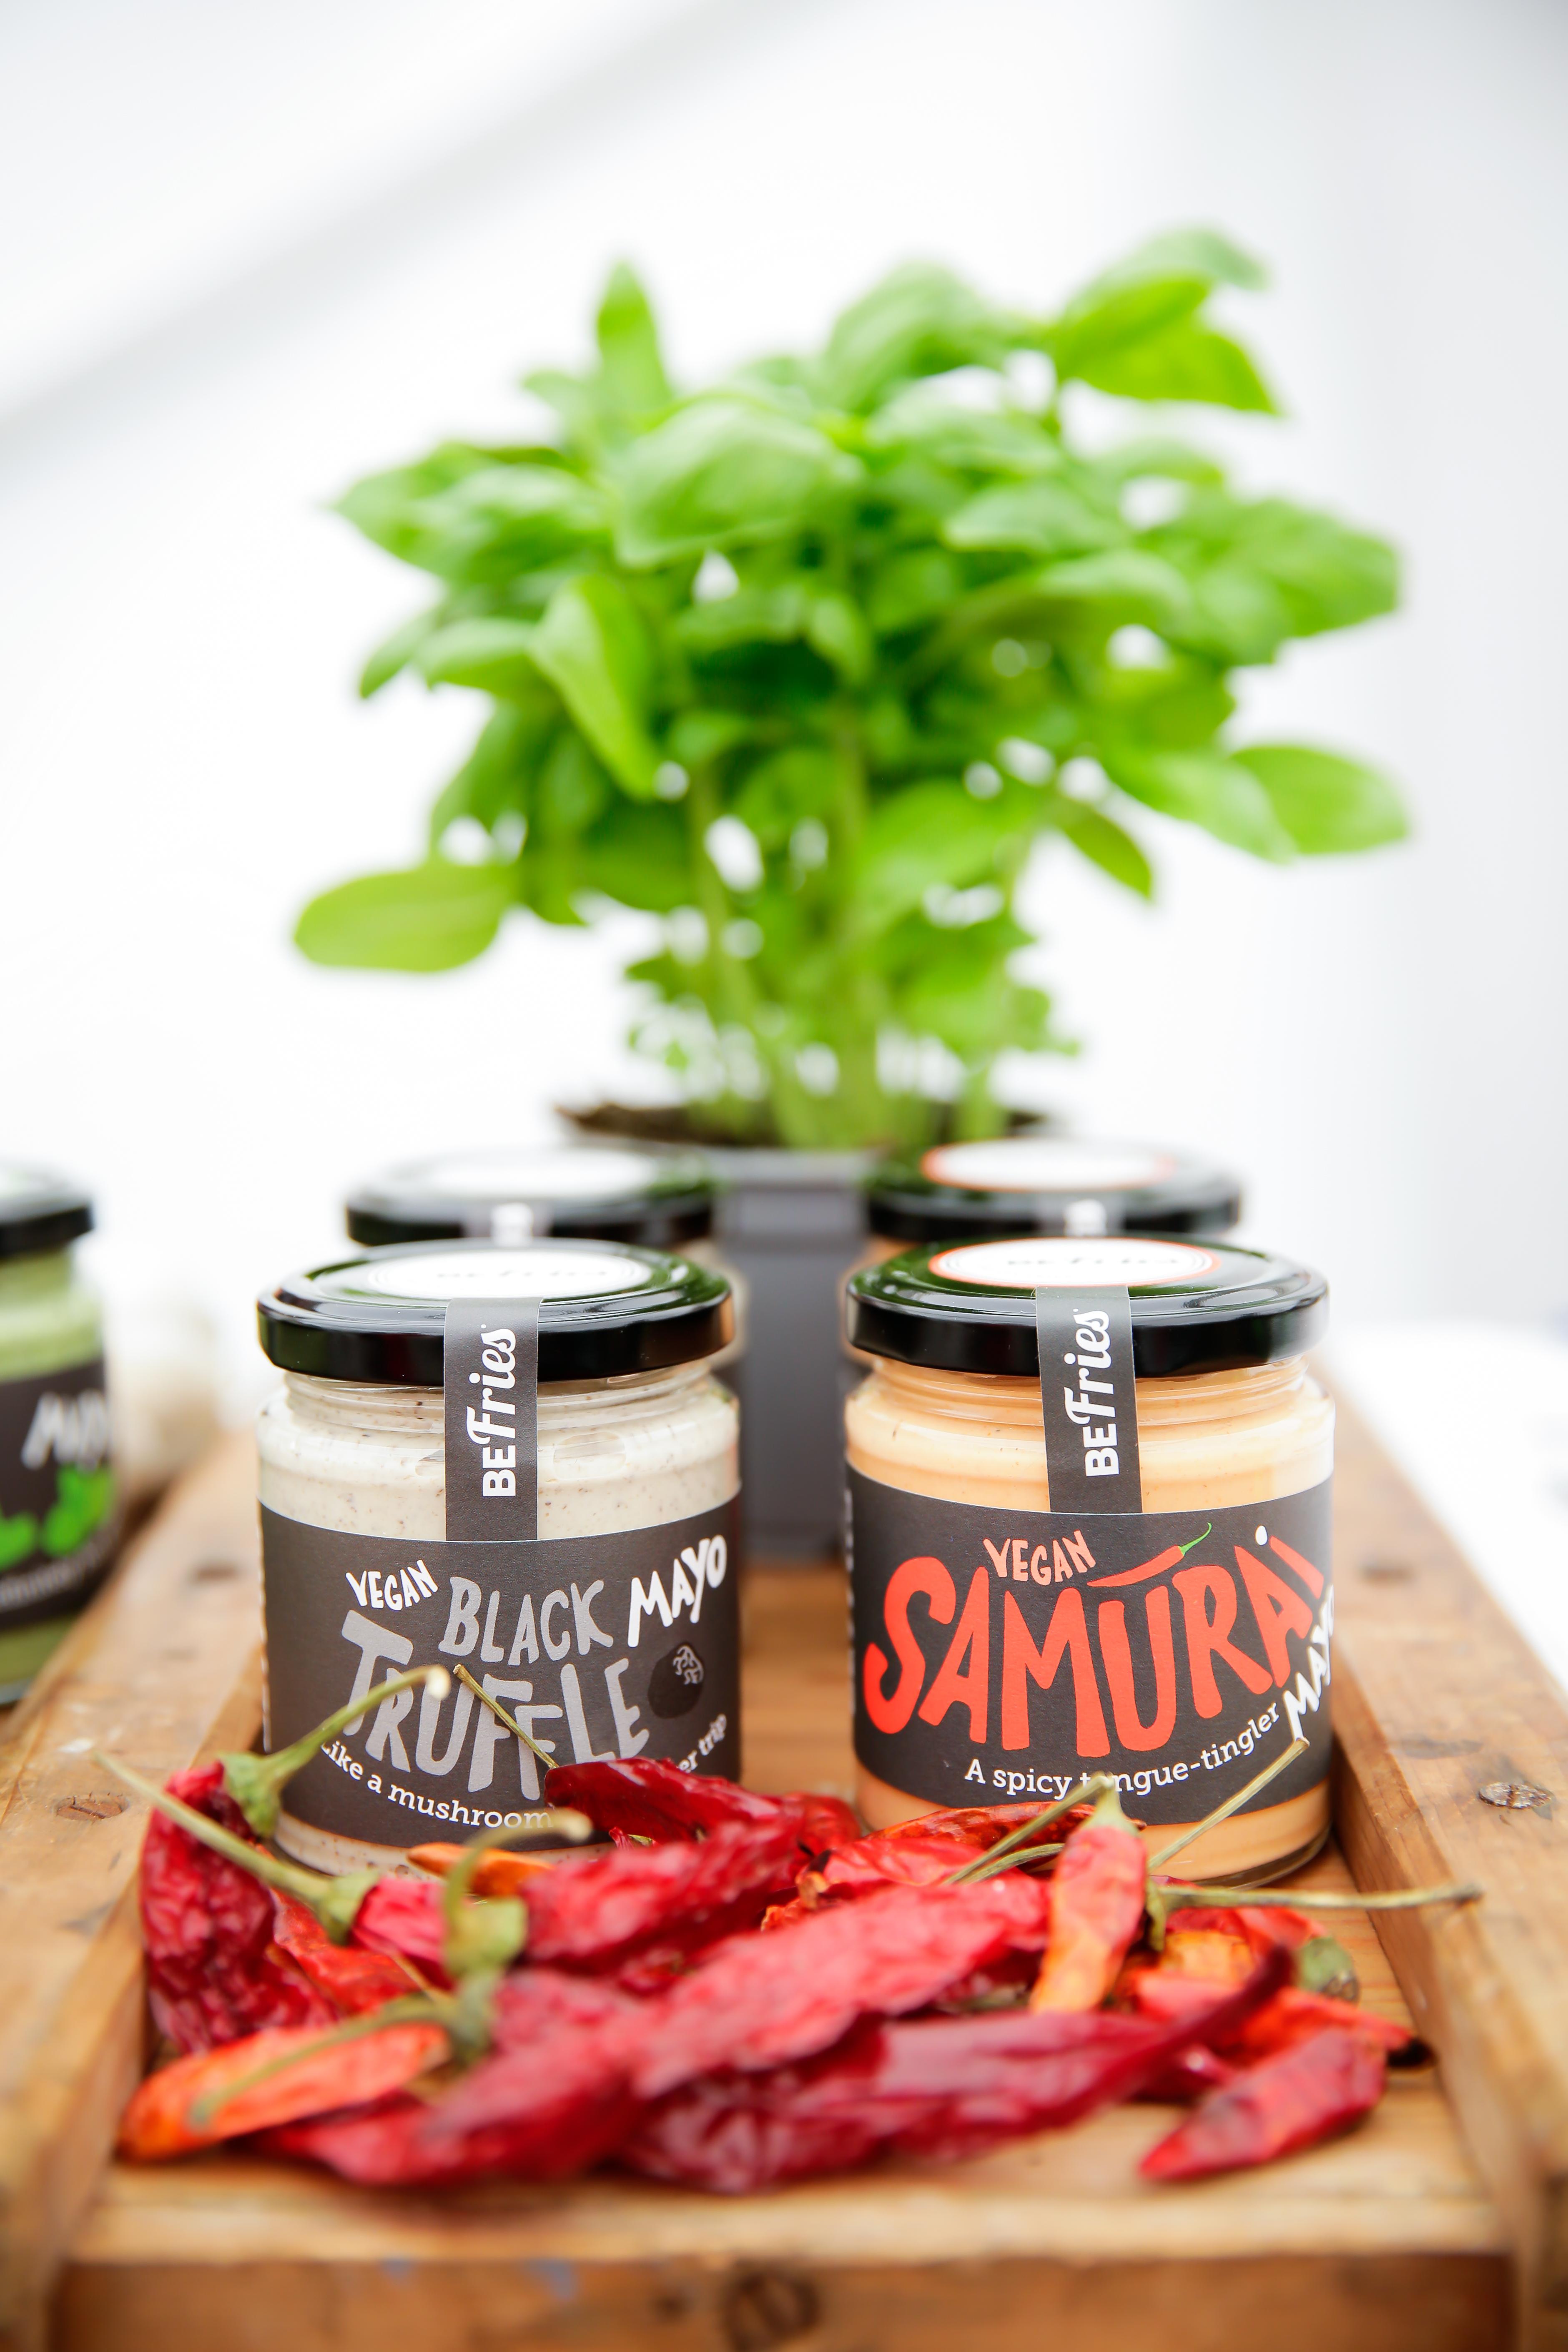 befries-besaucy-jar-vegan-basil-mayo